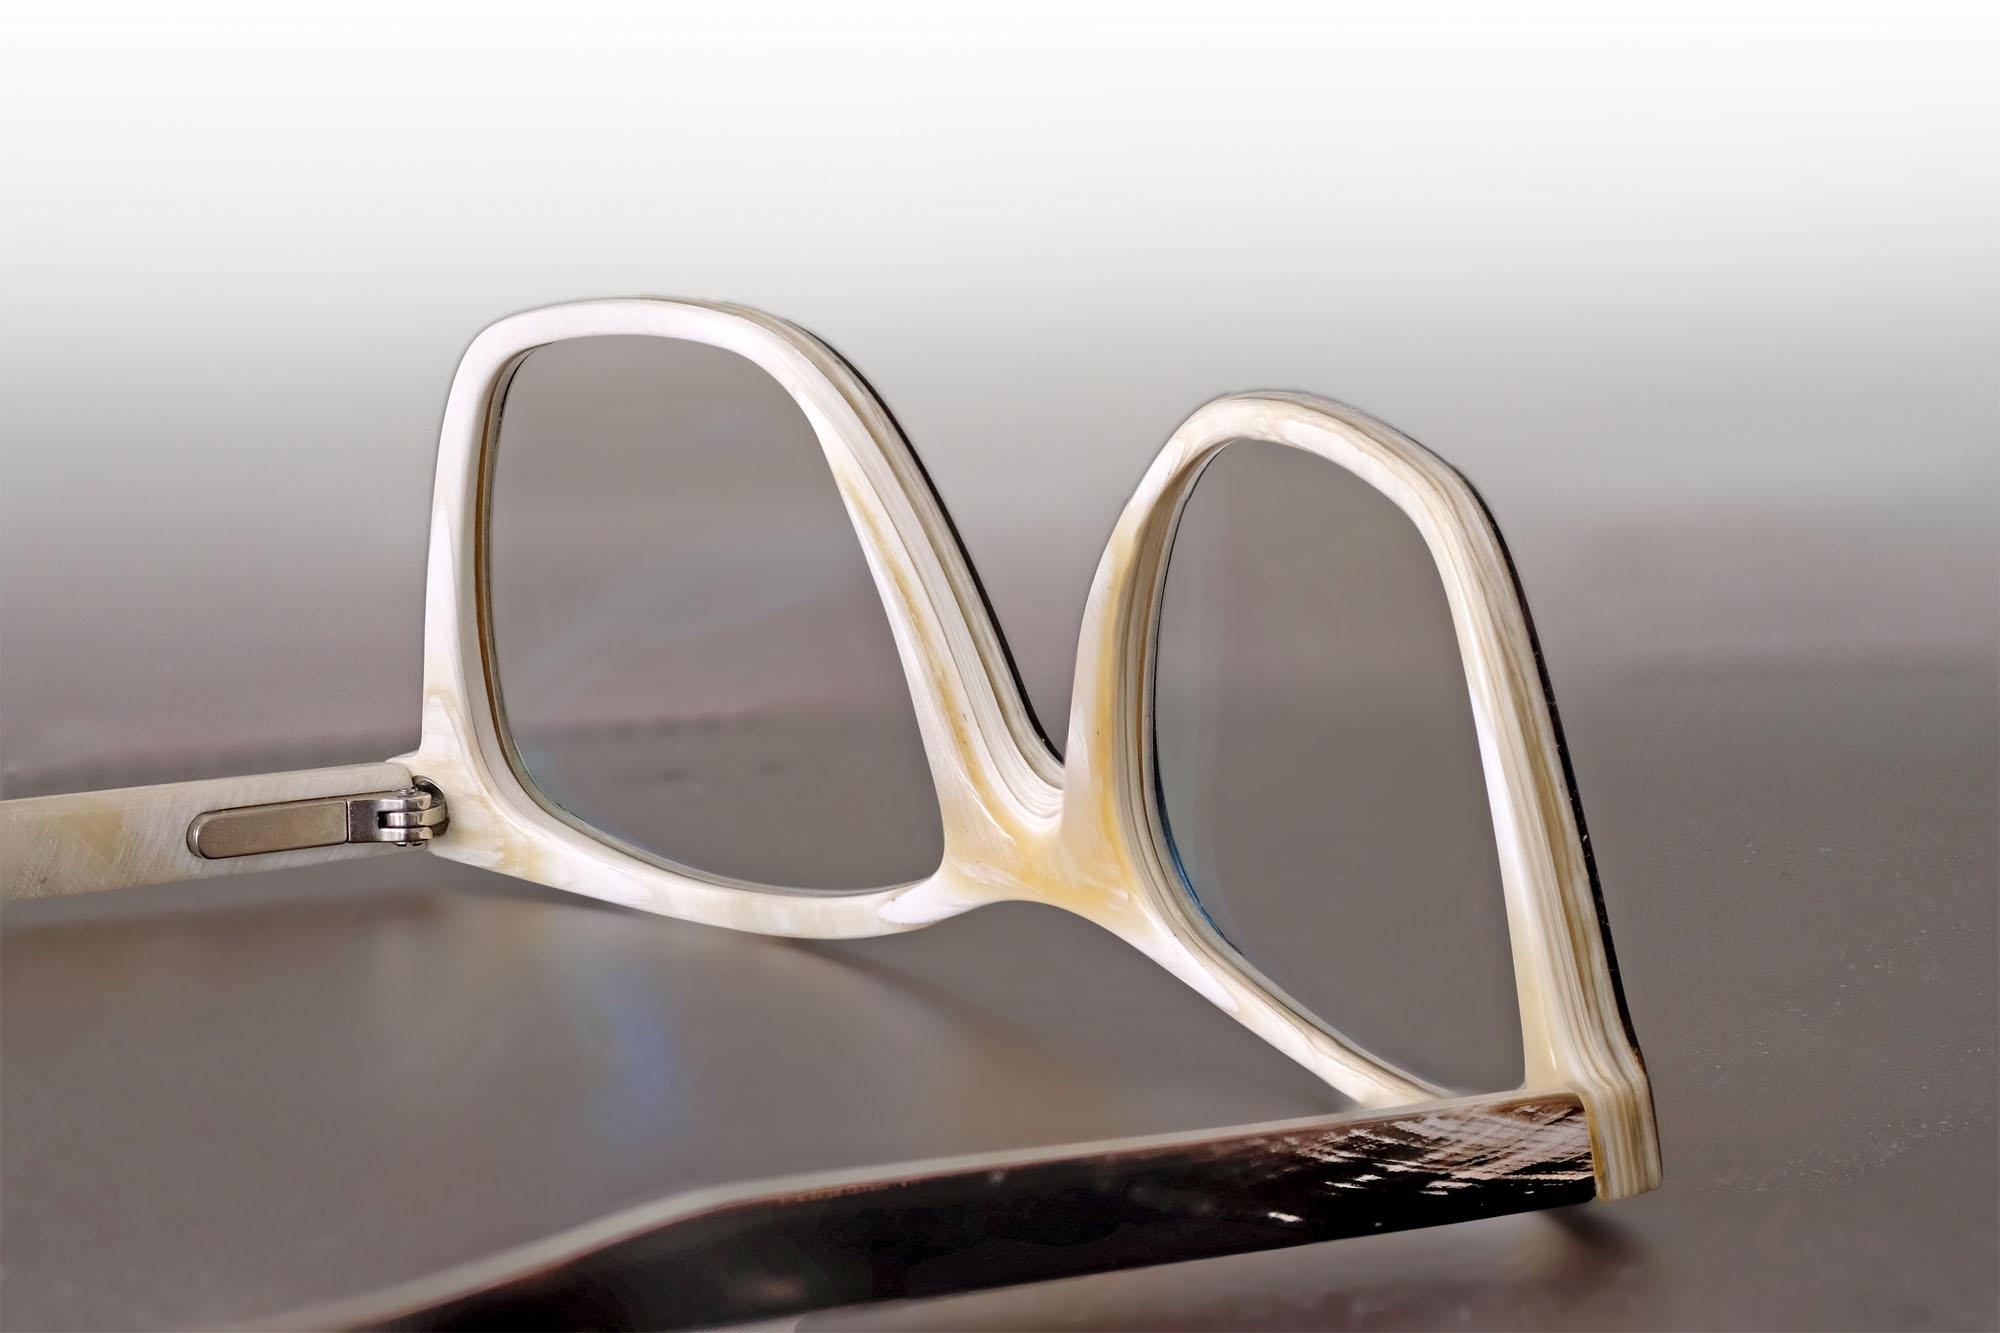 Swisshorn - Modell SH069 C005